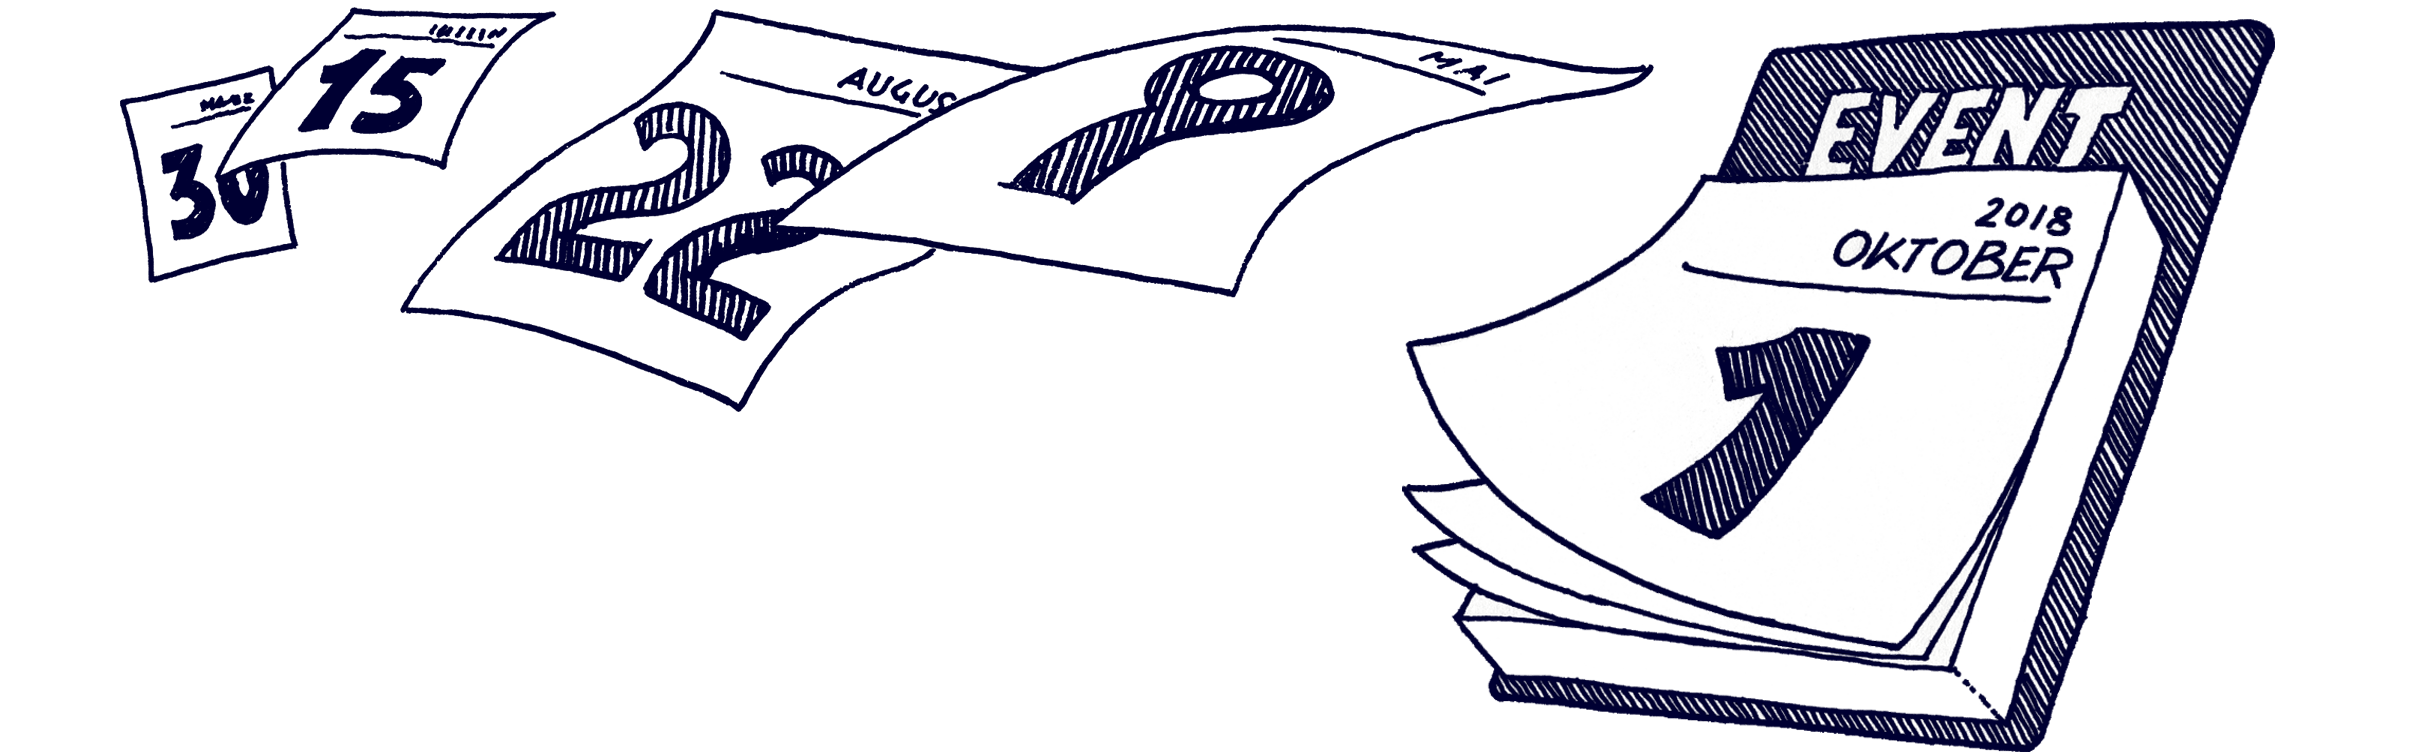 Veranstaltungen | Haslinger / Nagele, Illustration: Karlheinz Wasserbacher